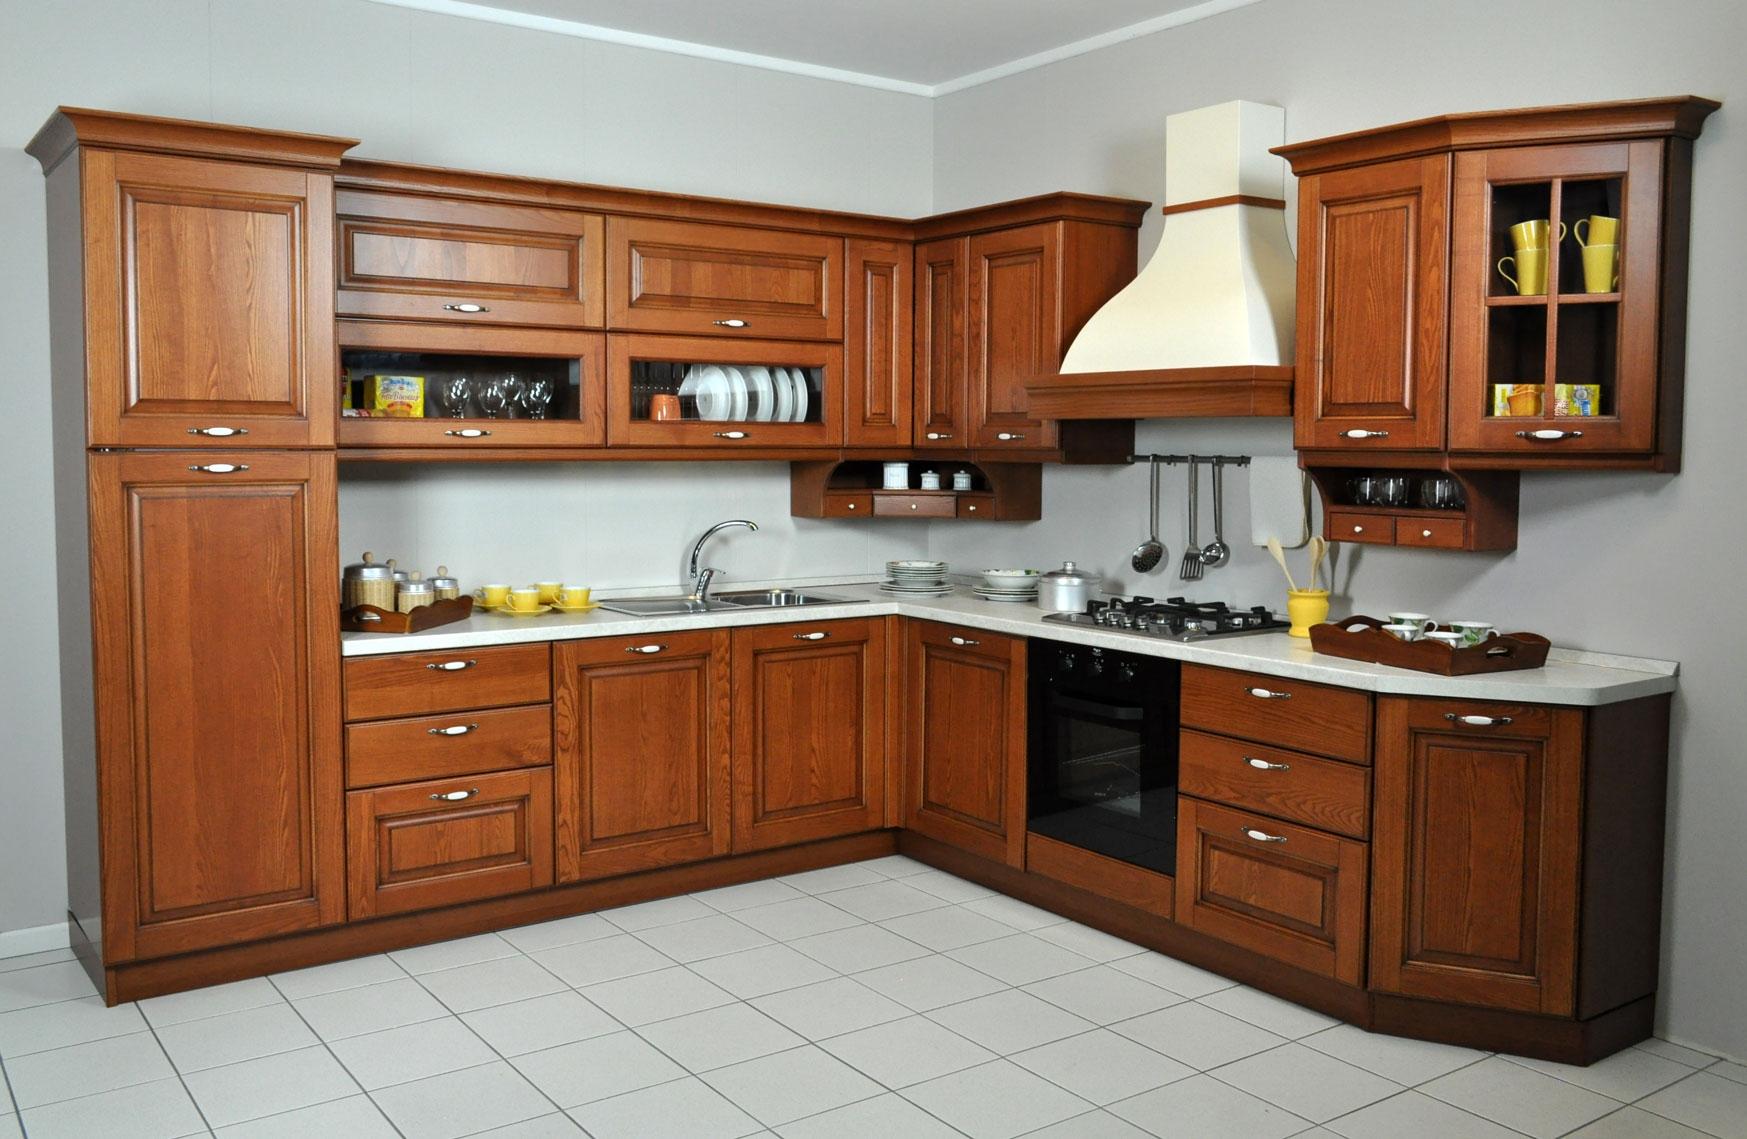 cucina angolare veneta cucine con elettrodomestici